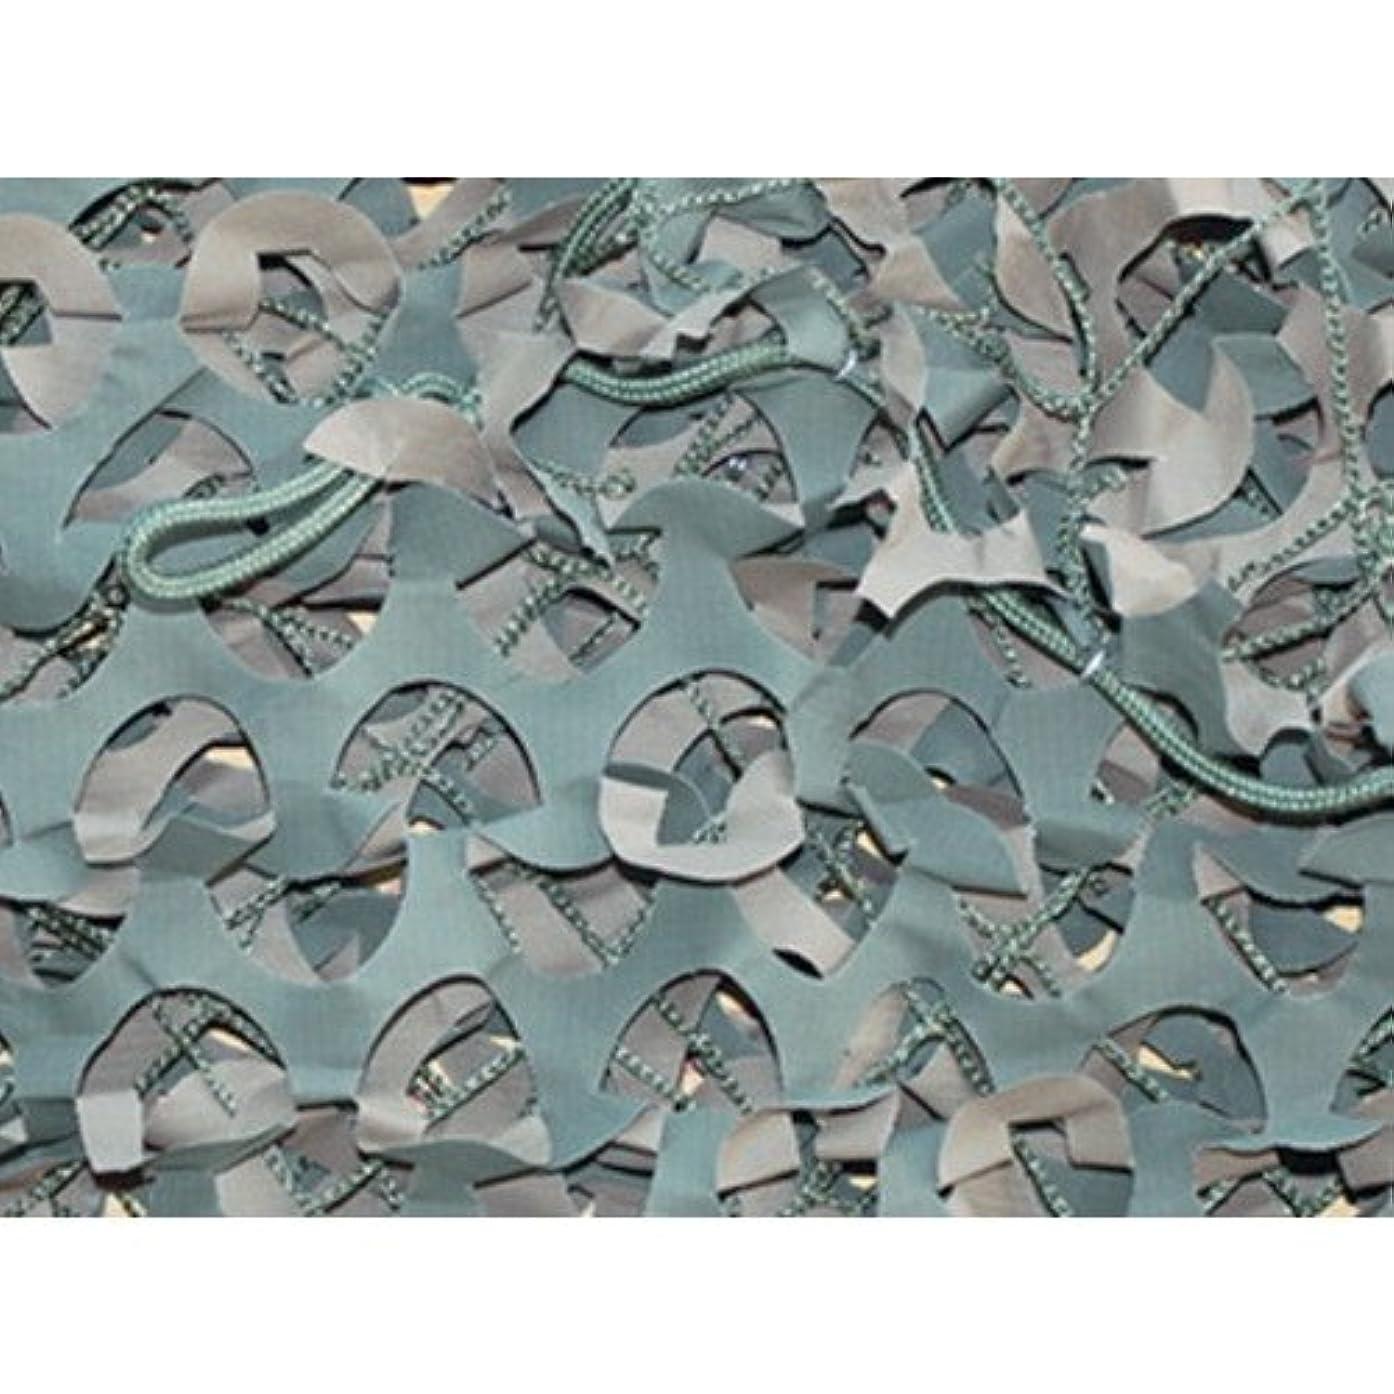 うれしい酸化物つまずくトラスコ中山 CAMO プレミアム レギュラーXミリタリー グリーン&ブラウン 1.8mX6m SP08GB